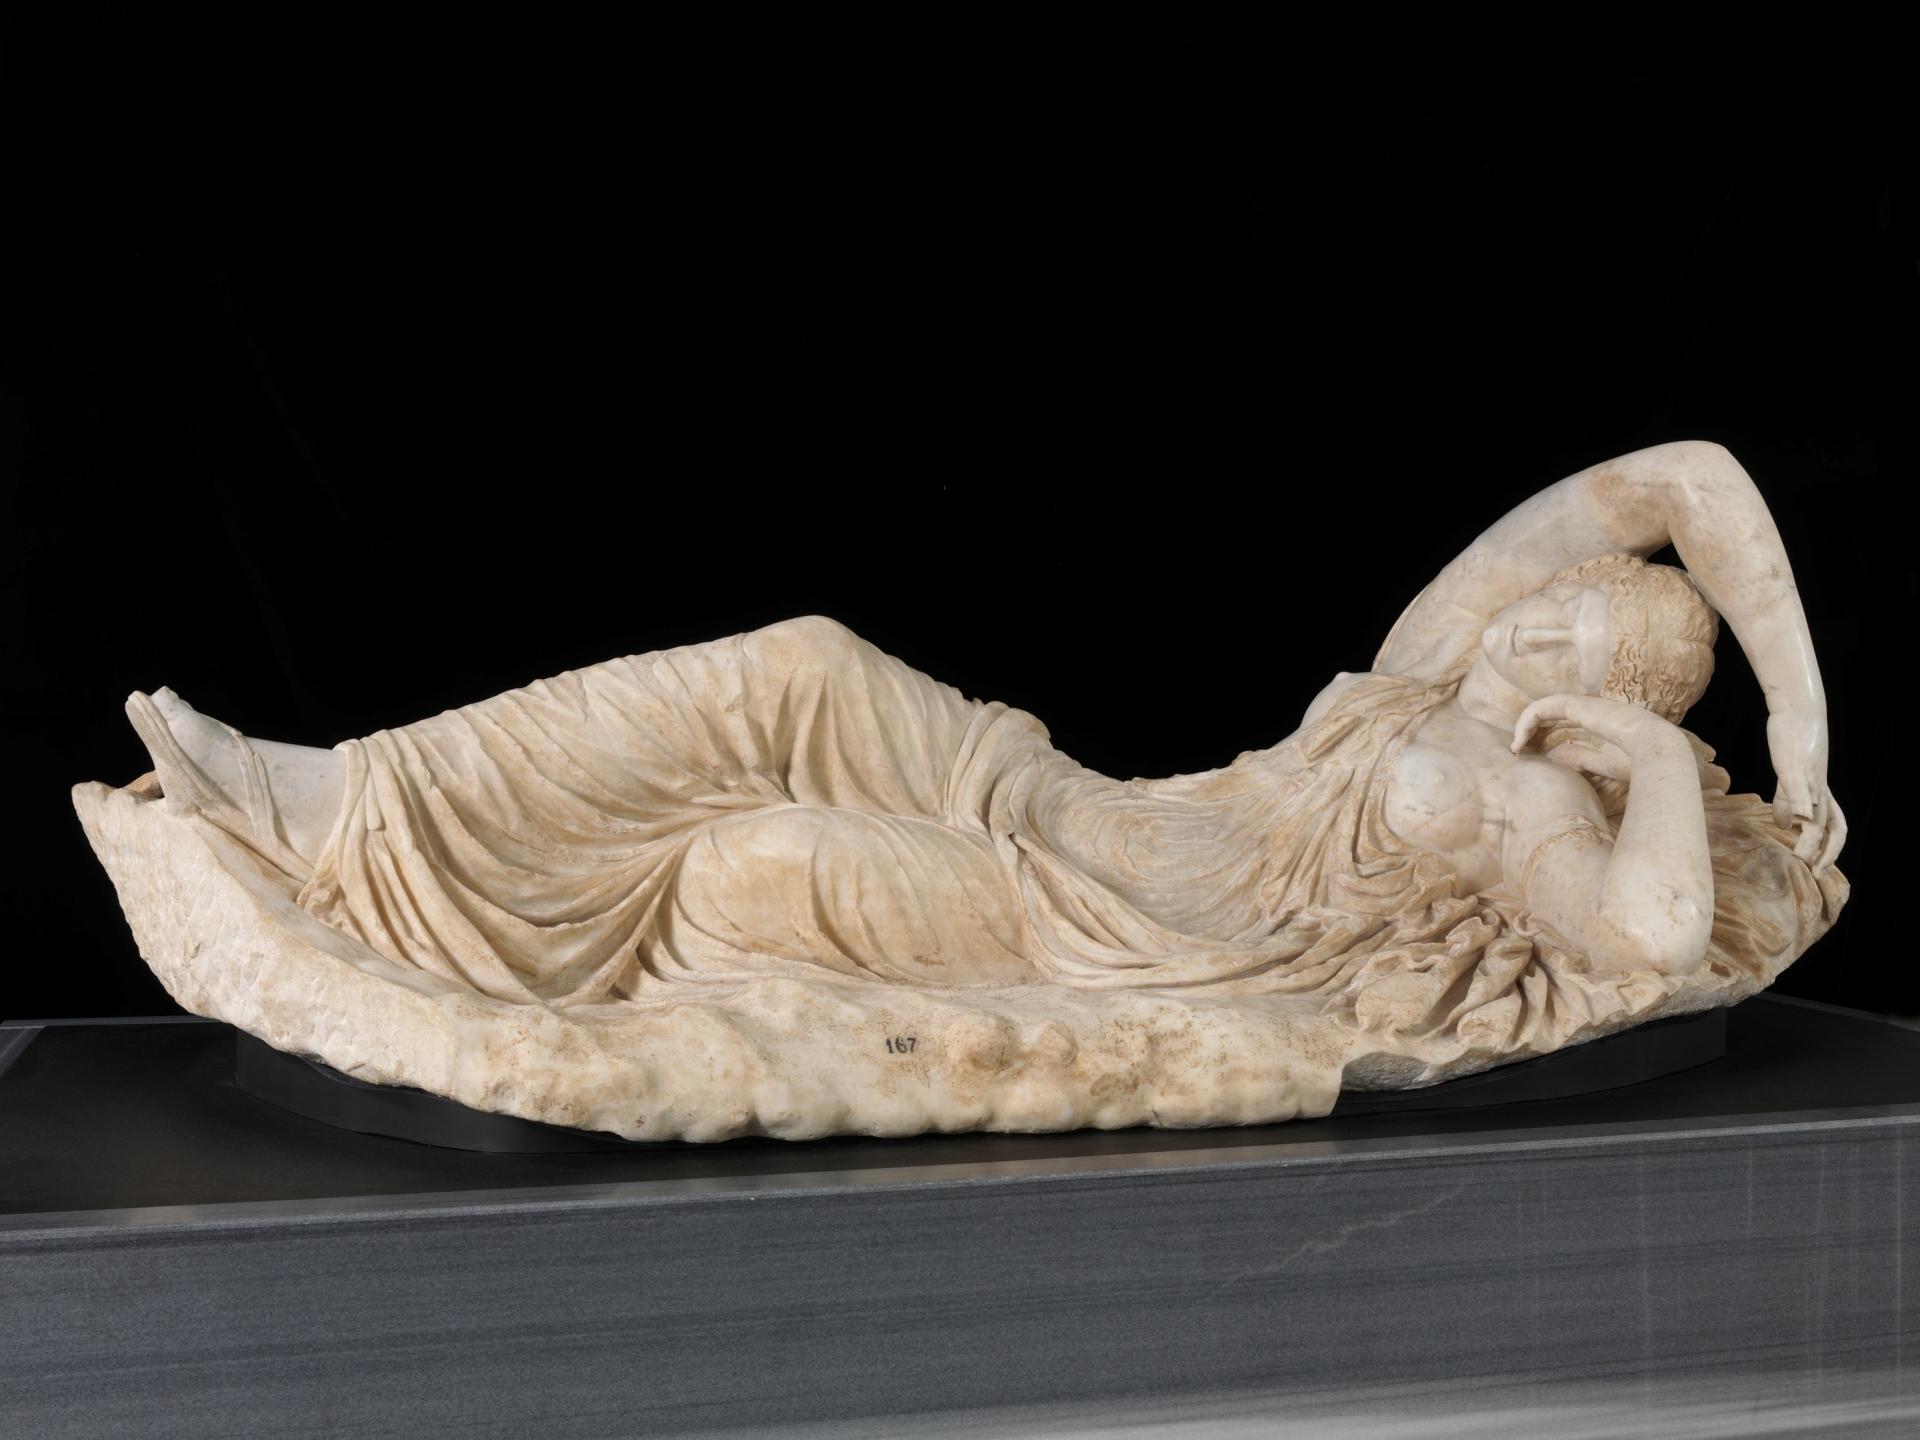 Ariadna dormida. 150 - 175. Mármol blanco, 99 x 238 cm. Museo del Prado.